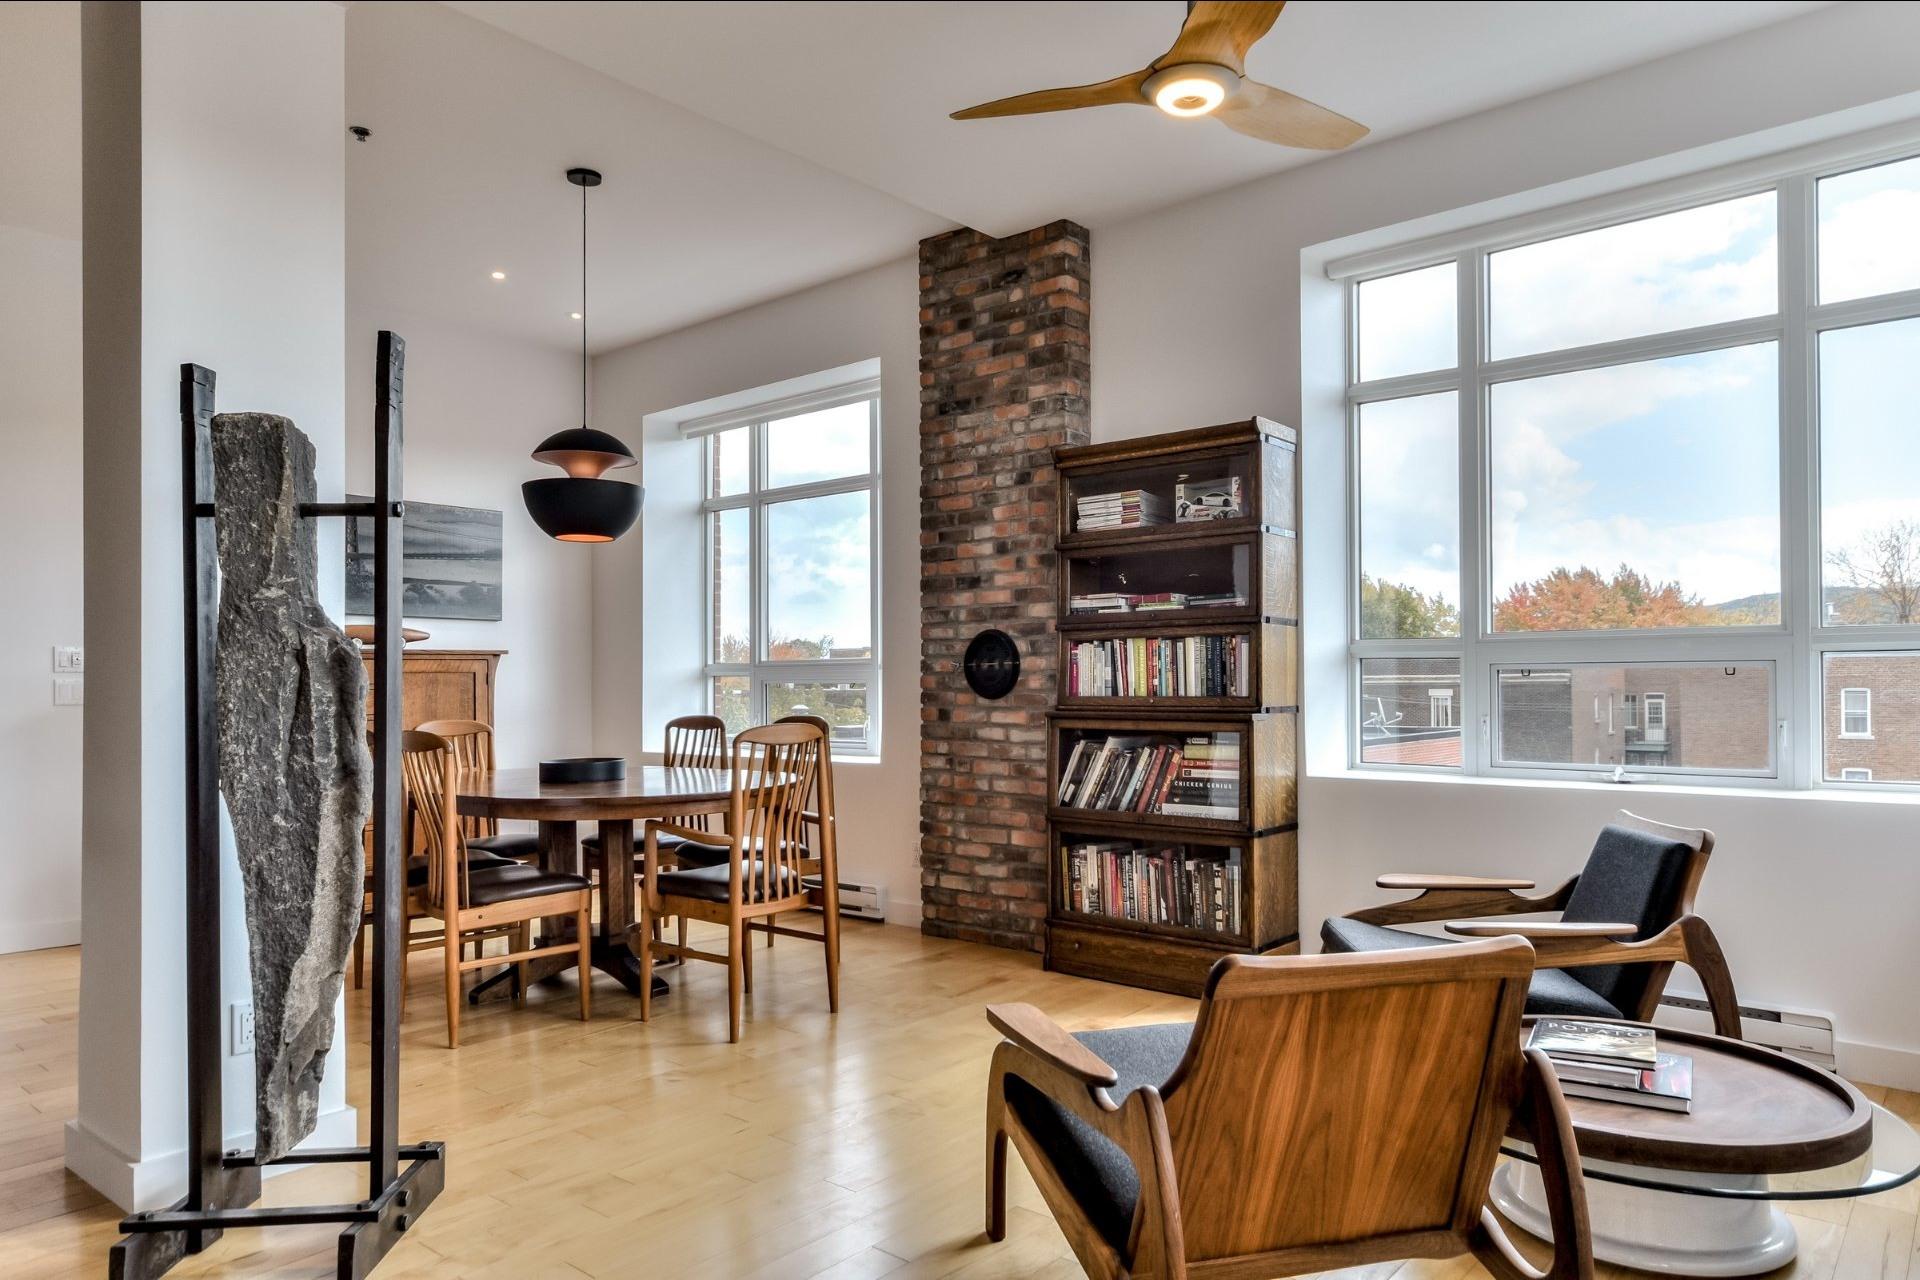 image 7 - Appartement À vendre Outremont Montréal  - 8 pièces